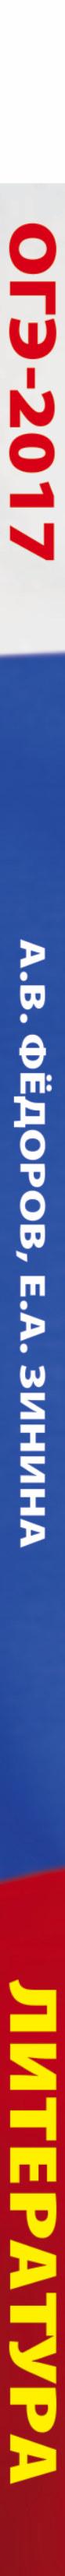 ОГЭ-2017. Литература. 20 тренировочных вариантов экзаменационных работ для подготовки к основному государственному экзамену